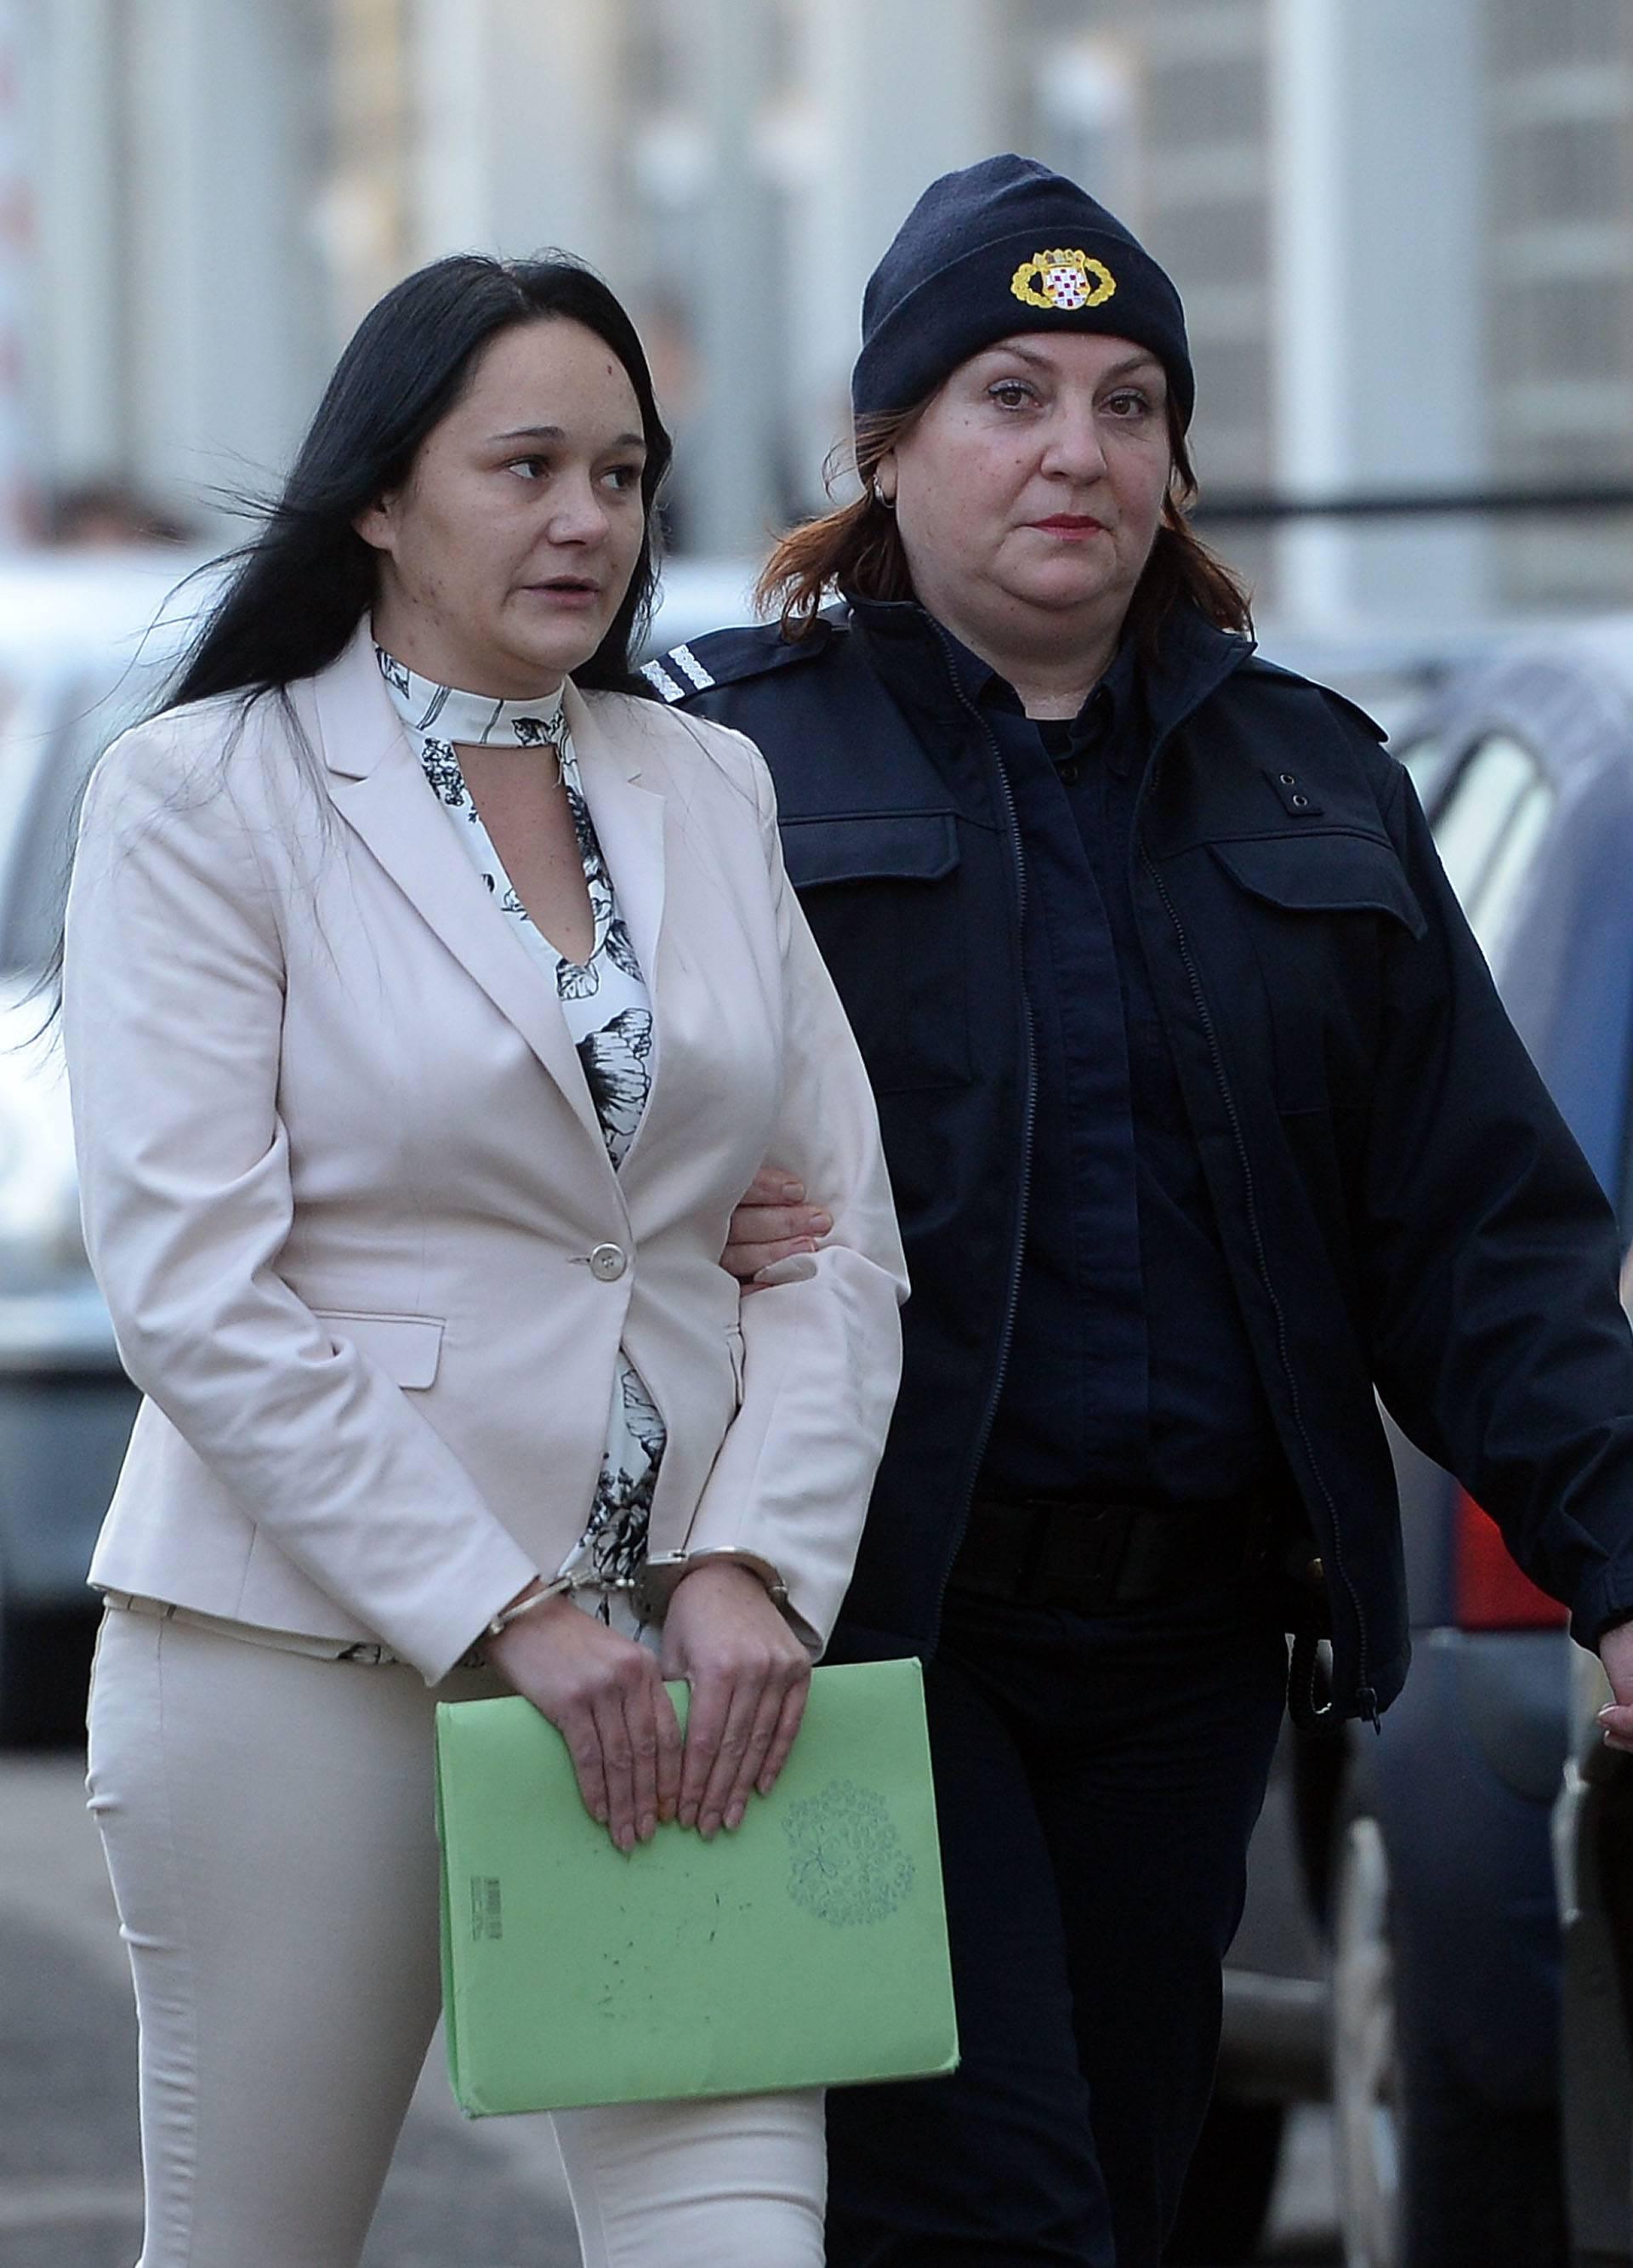 Varazdin: Nastavak sudjenja suđenja Kseniji Topolovčan optuženoj za ubojstvo supruga